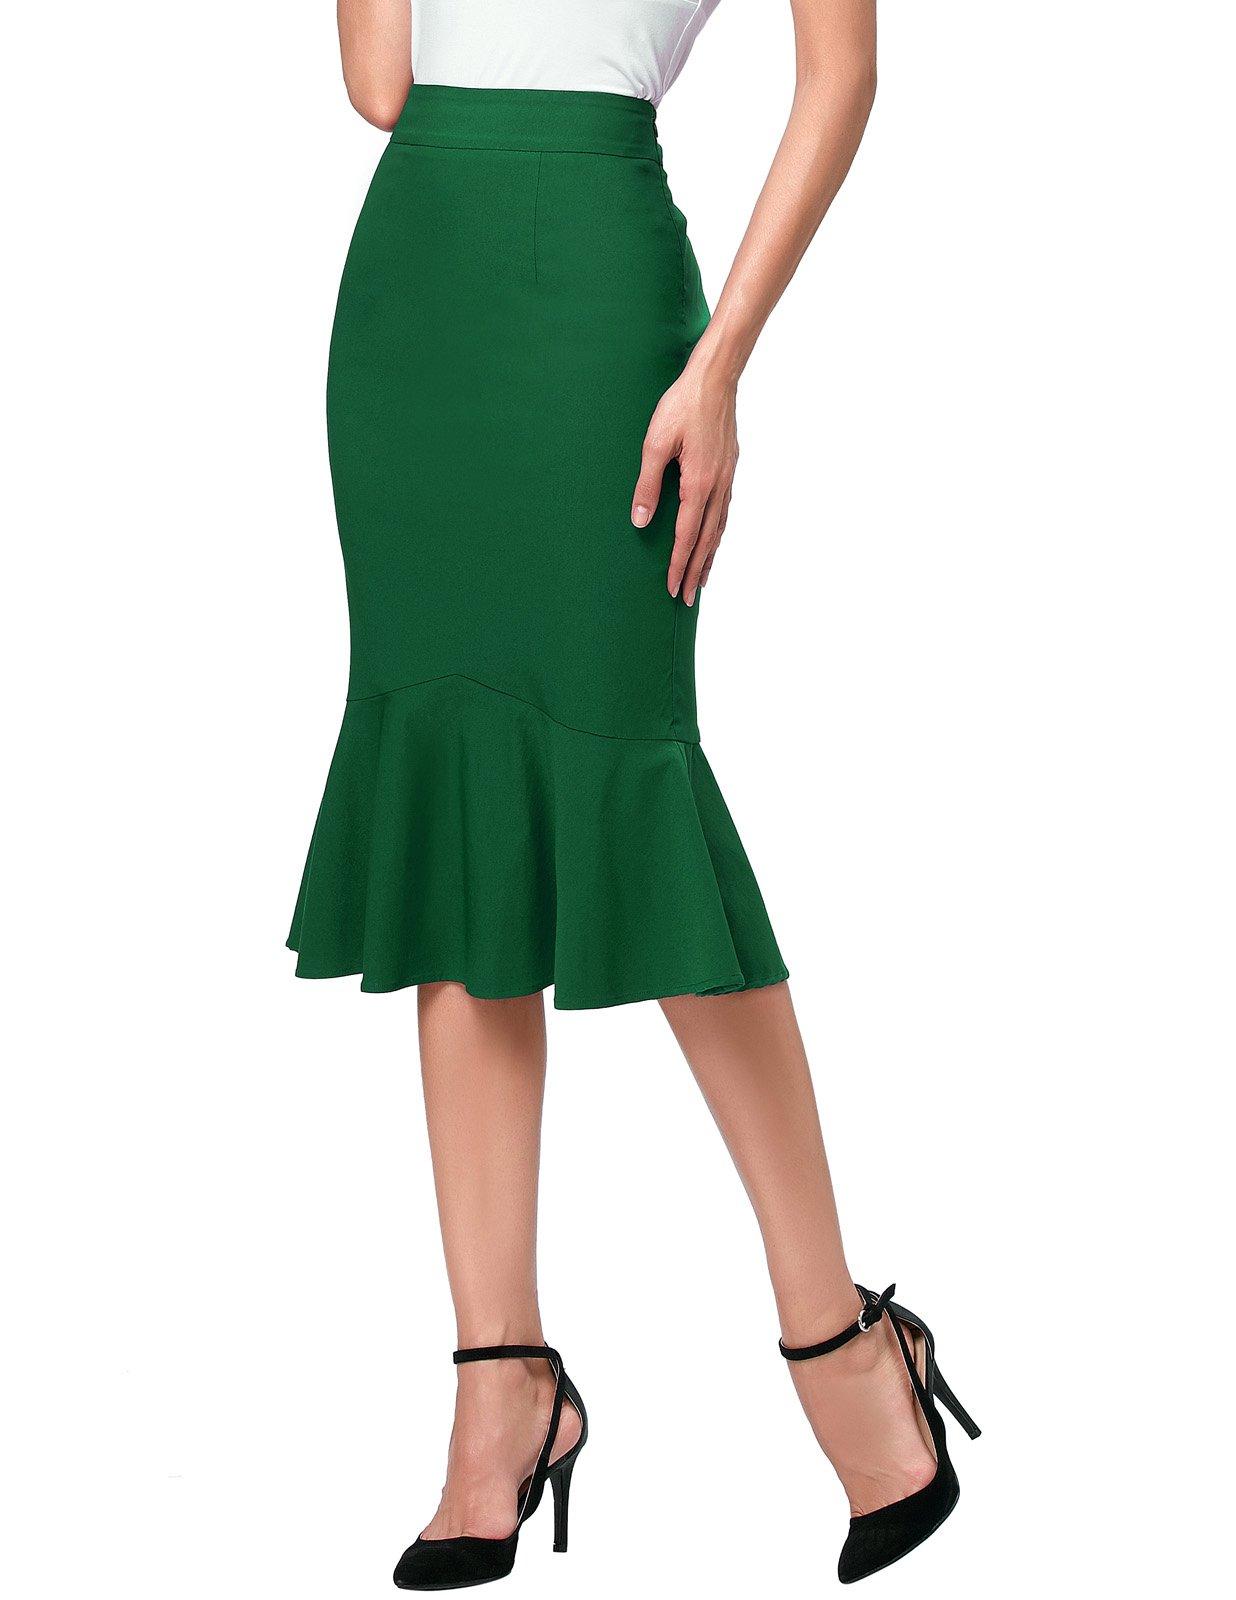 Kate Kasin Mermaid Pencil Office Skirts For Women Work Wear S K241-6